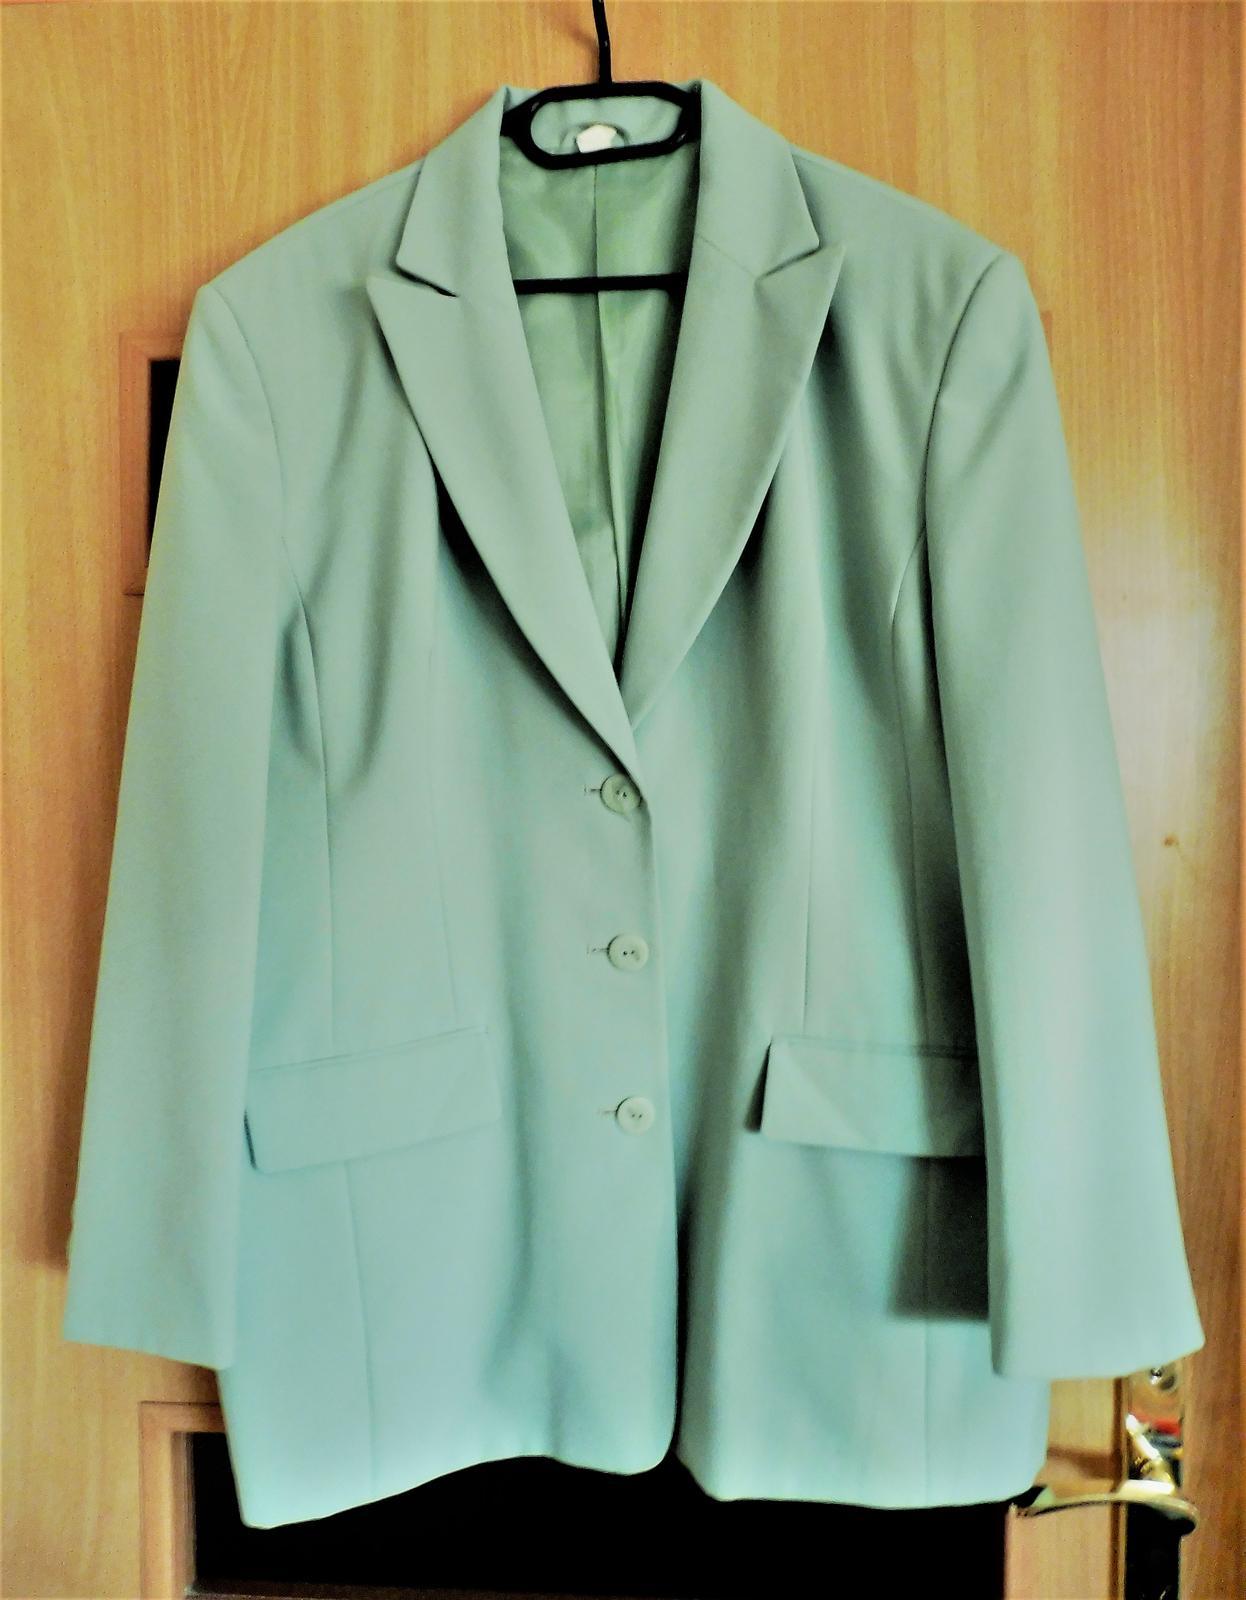 dámský kalhotový kostým - Obrázek č. 1